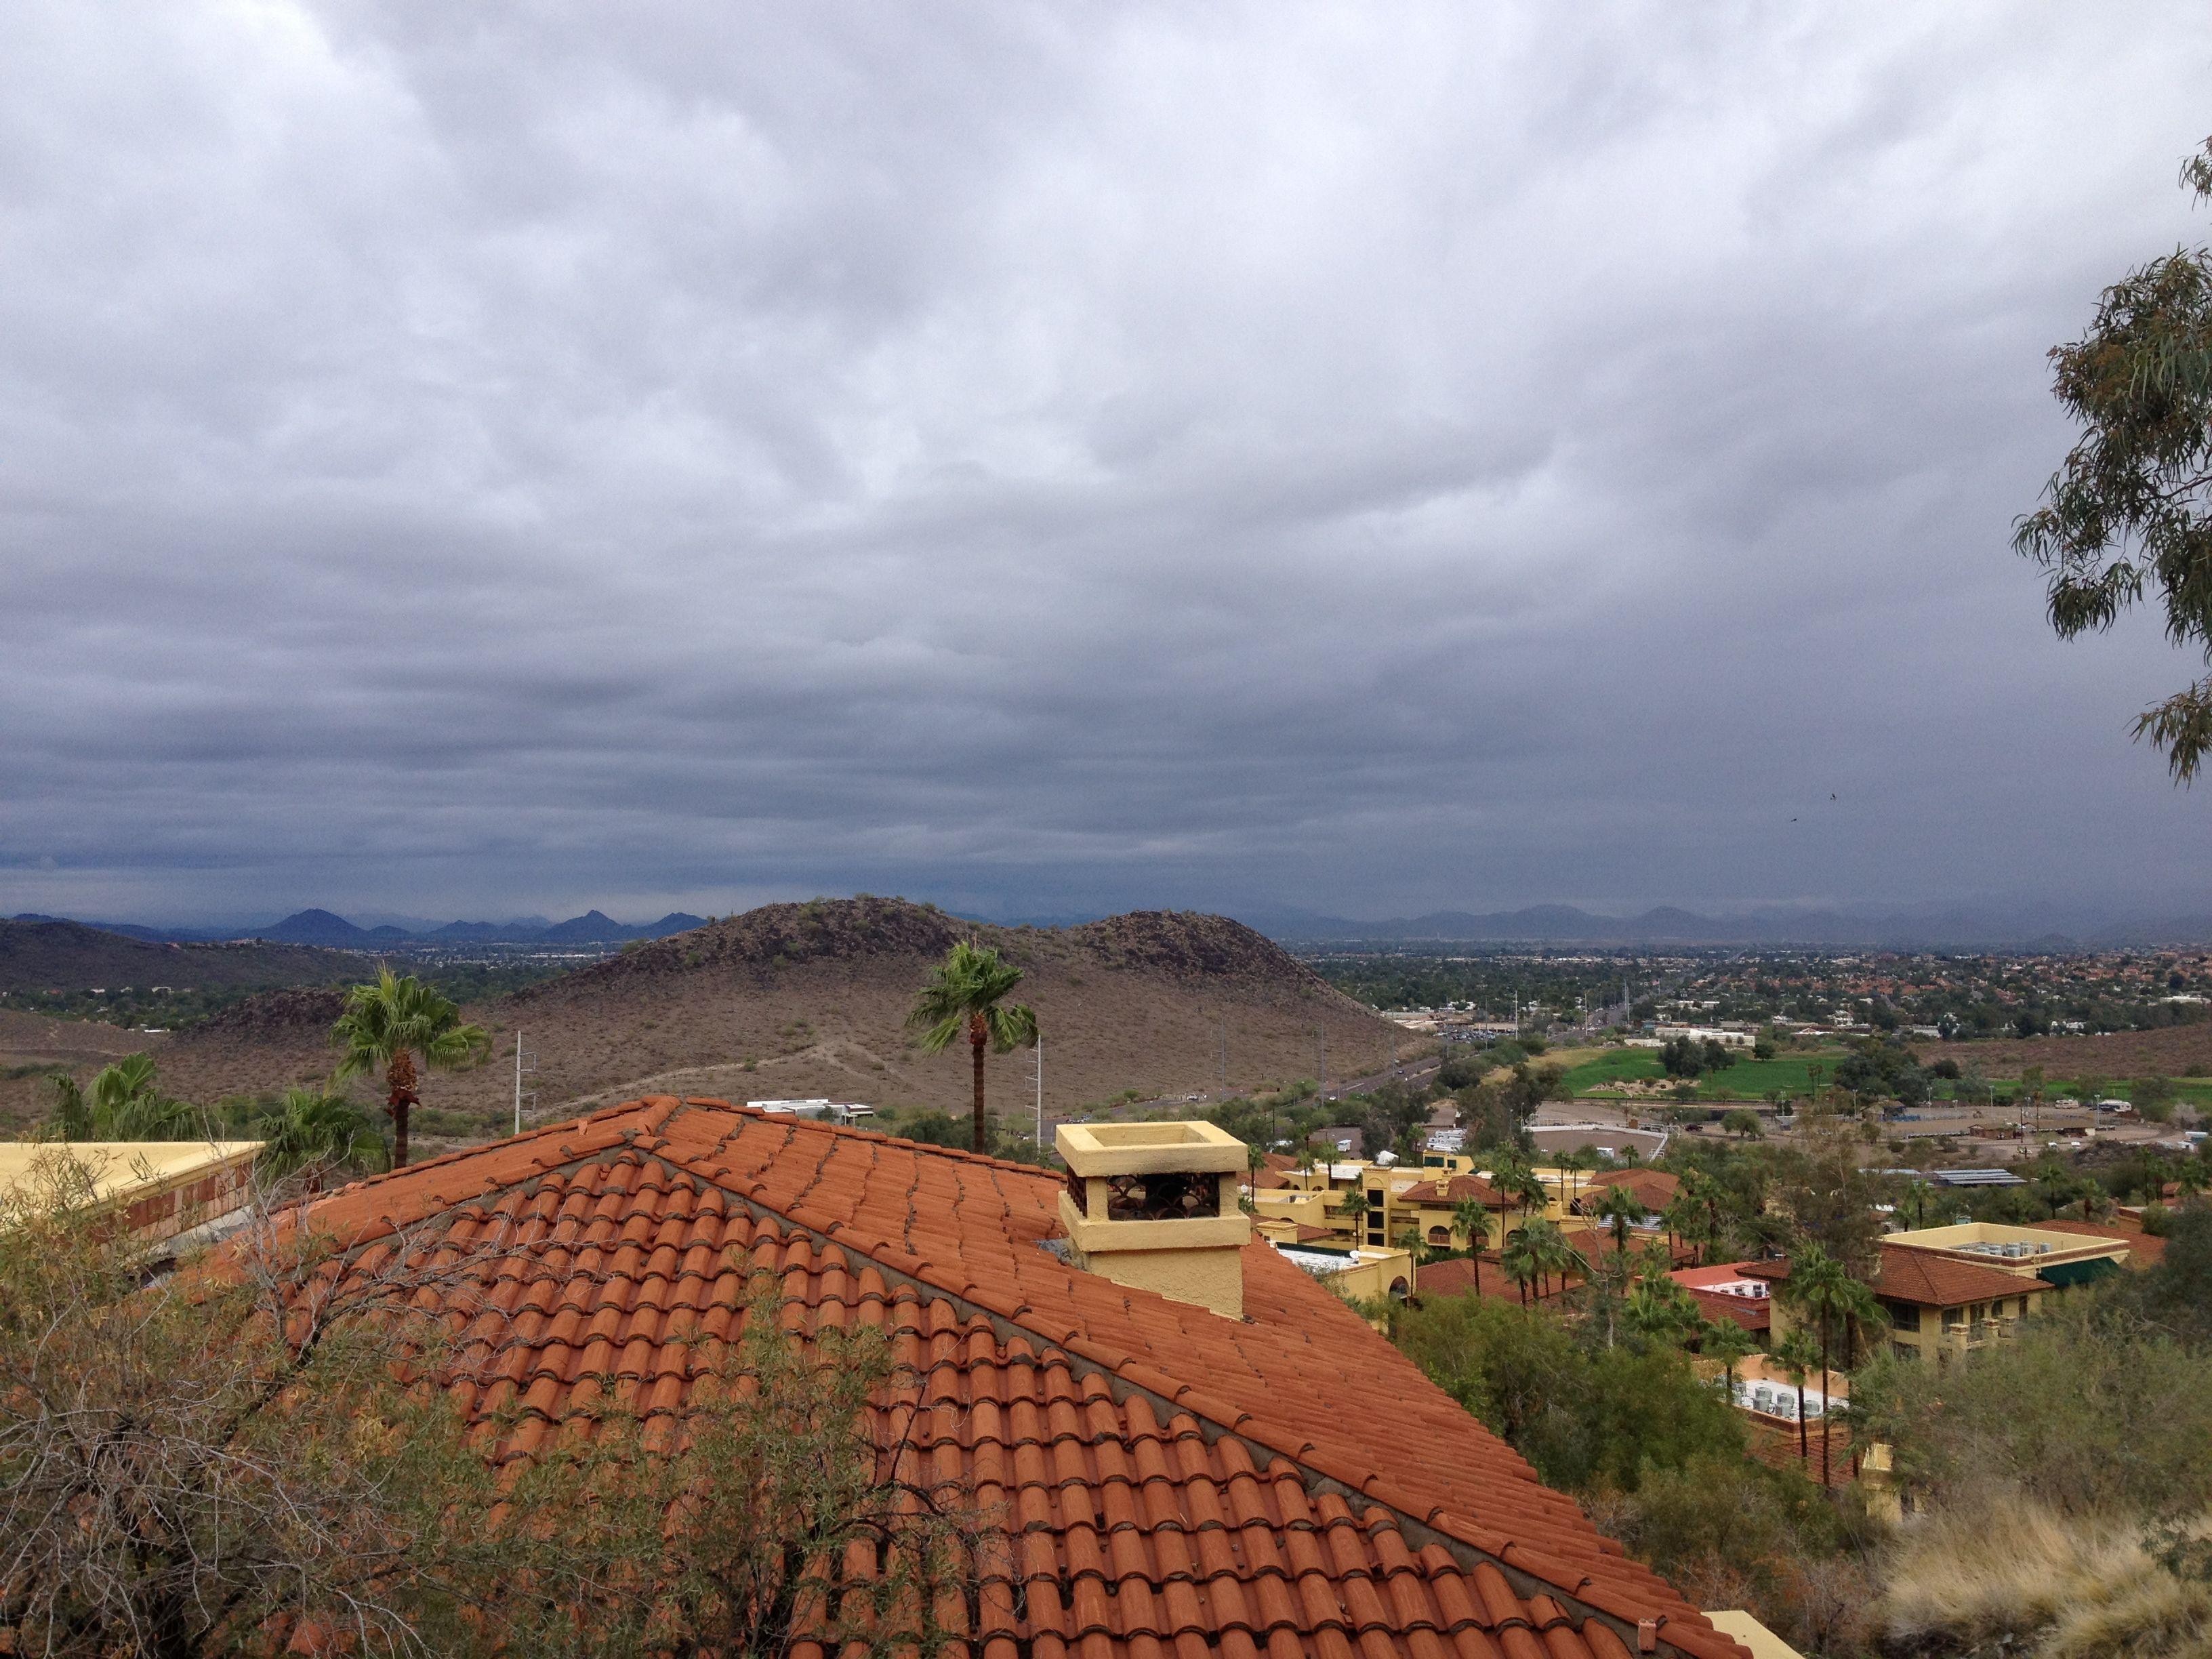 Phoenix, AZ November 2013